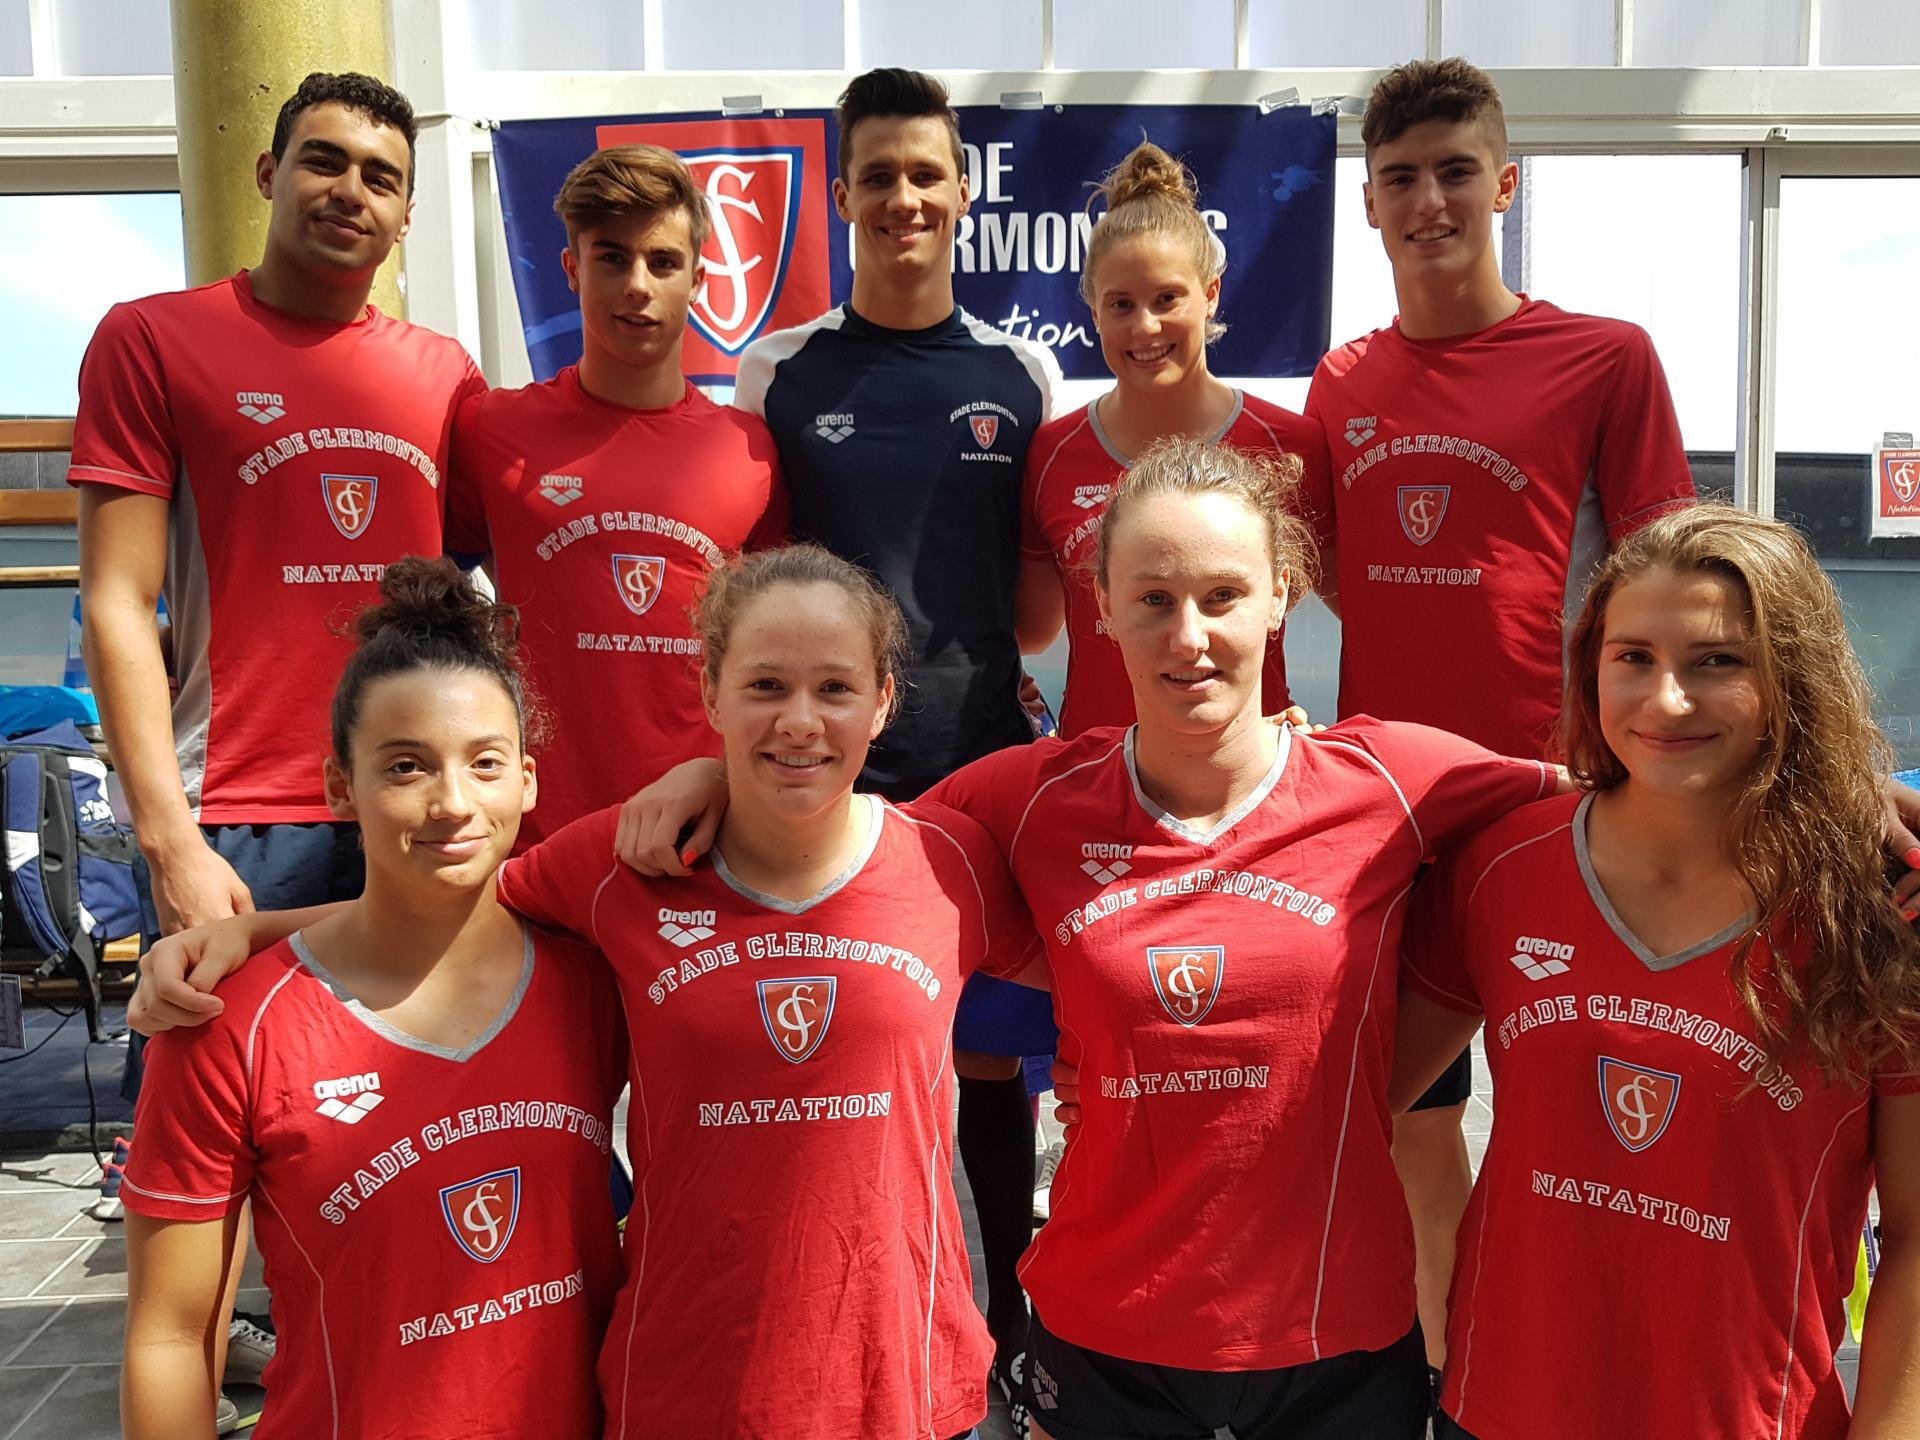 Championnats de France Été Relève - Team SNC